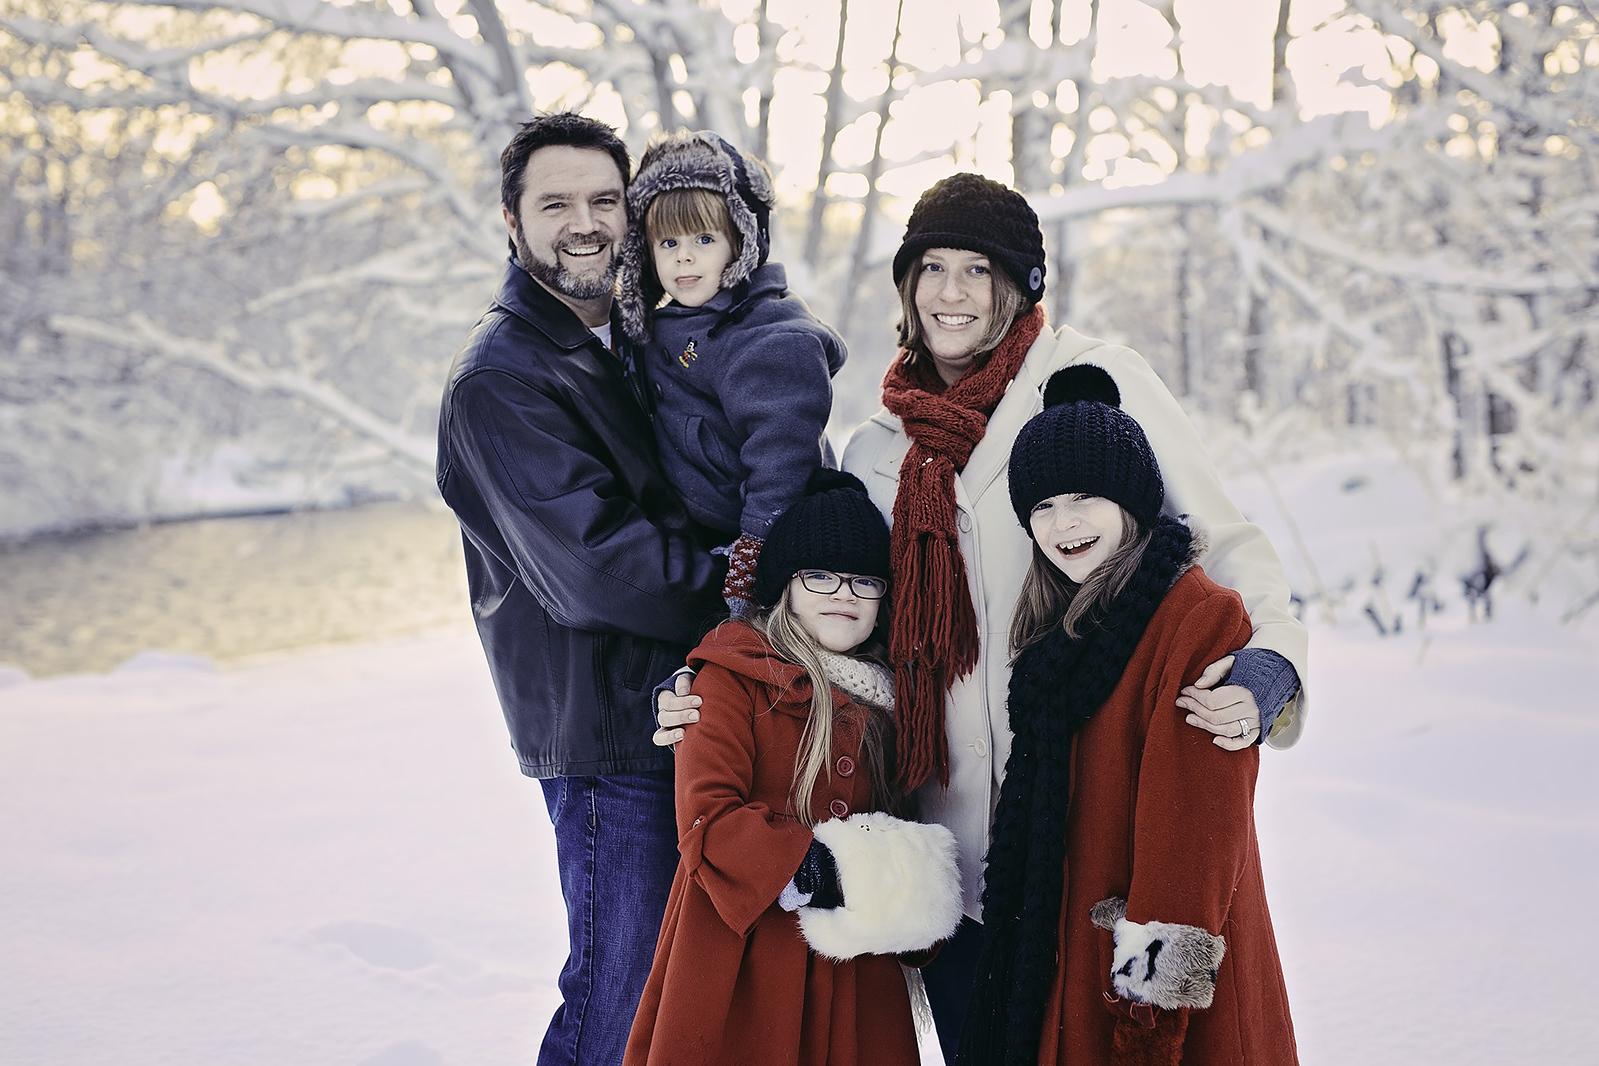 McAllister family